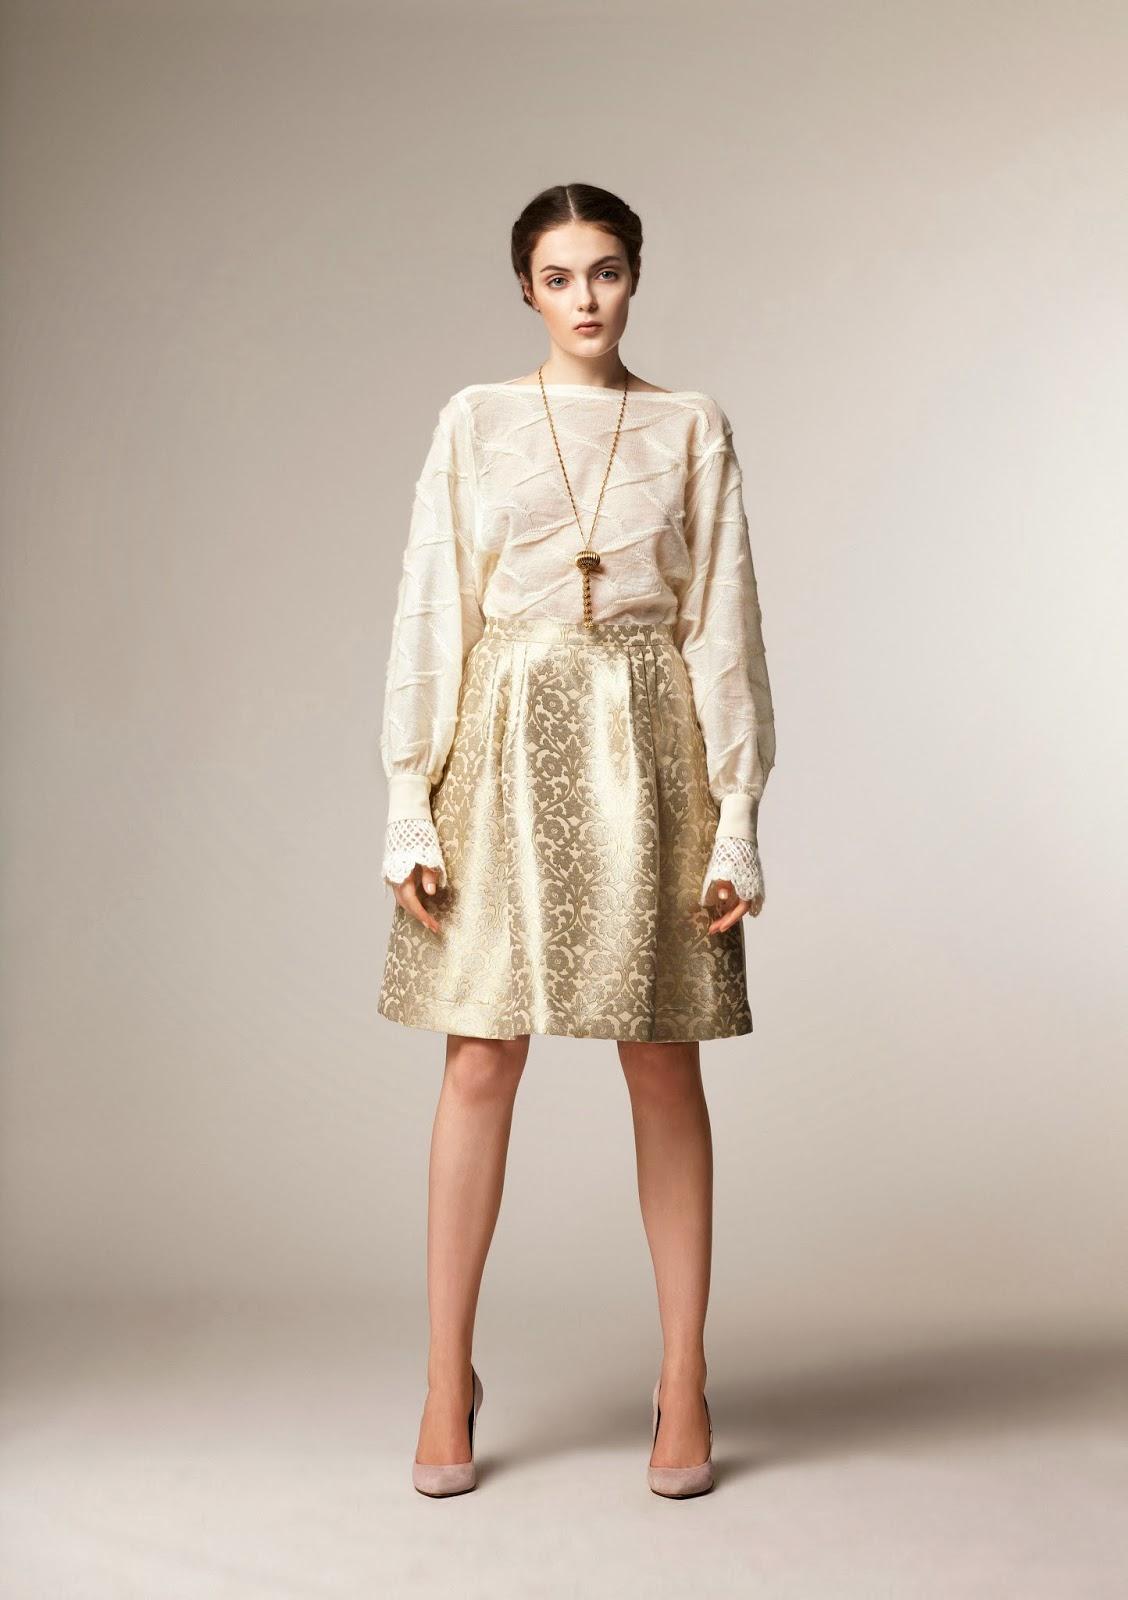 Gold shine on knee length modest skirt